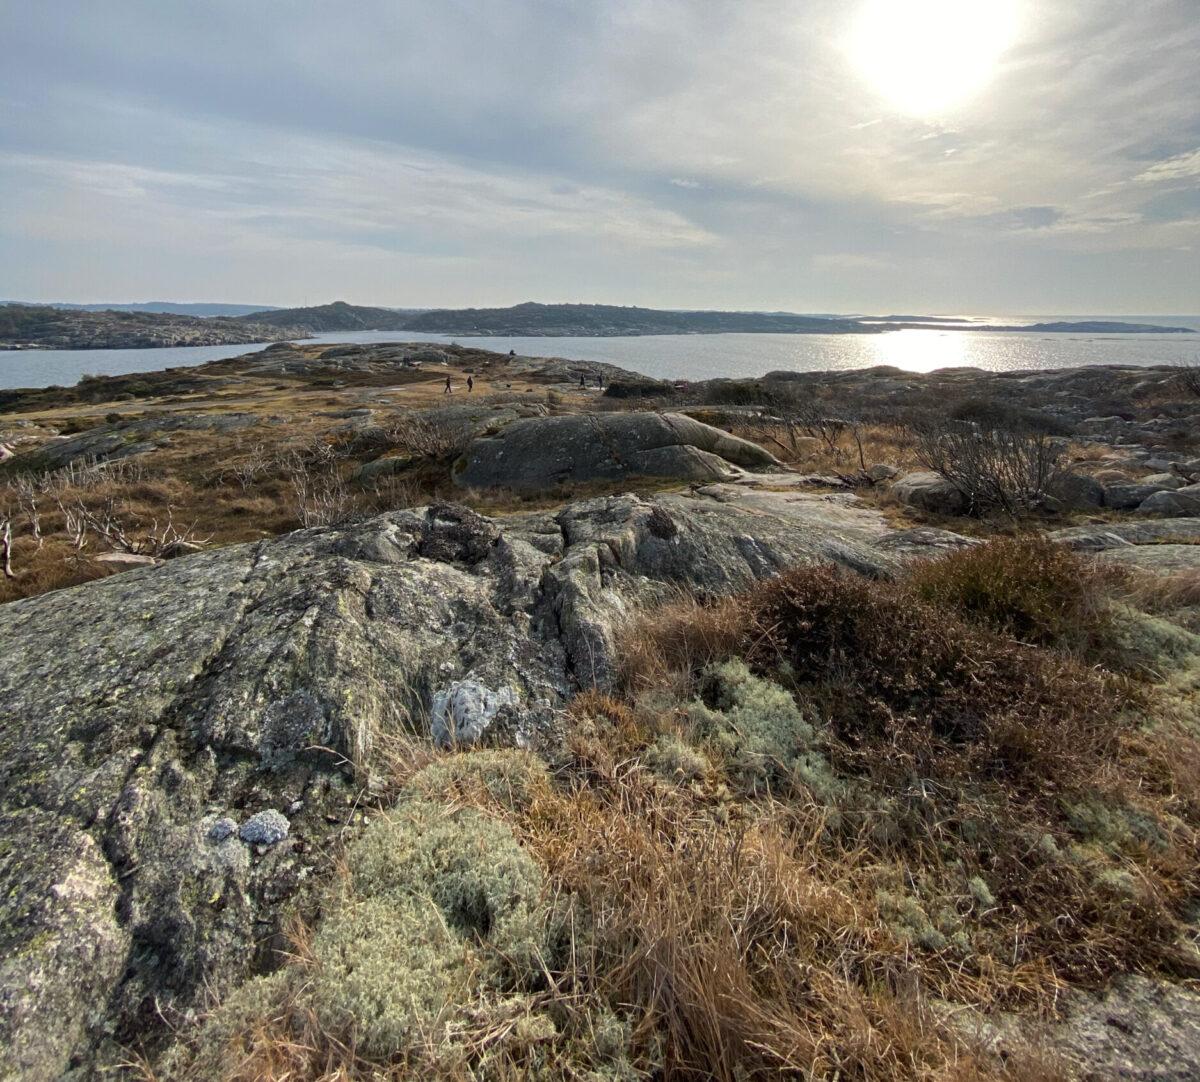 Foto på utsikt över hav, männickor och fastlandet.